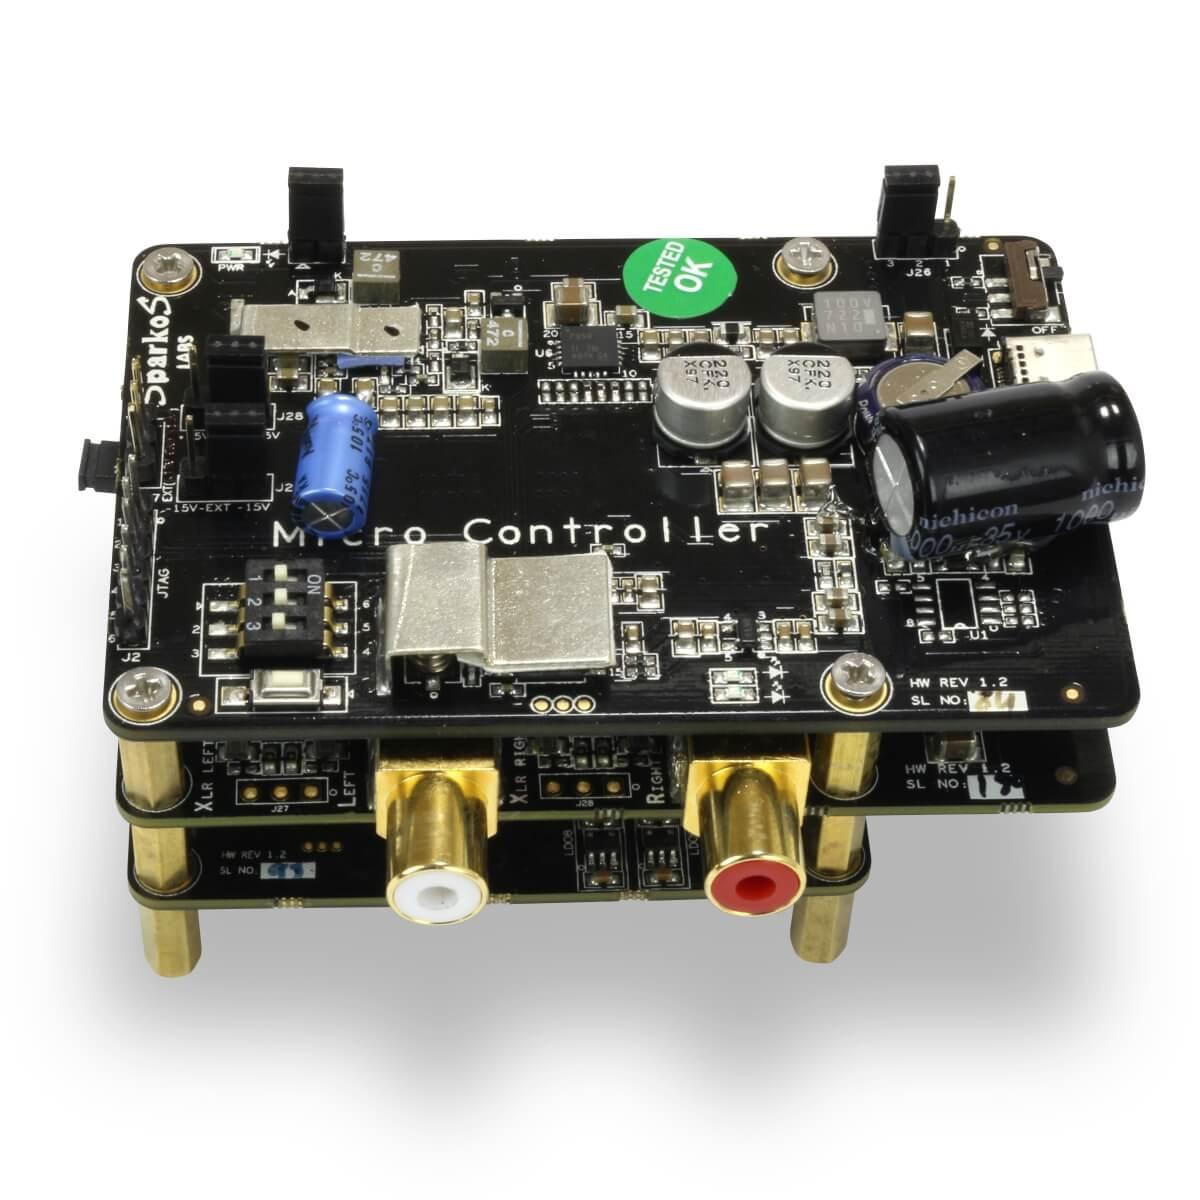 ALLO KATANA 1.2 PURE THD+N DAC pour Raspberry Pi ES9038Q2M 6x AOP SparkoS Labs SS3601 32bit 384kHz DSD128